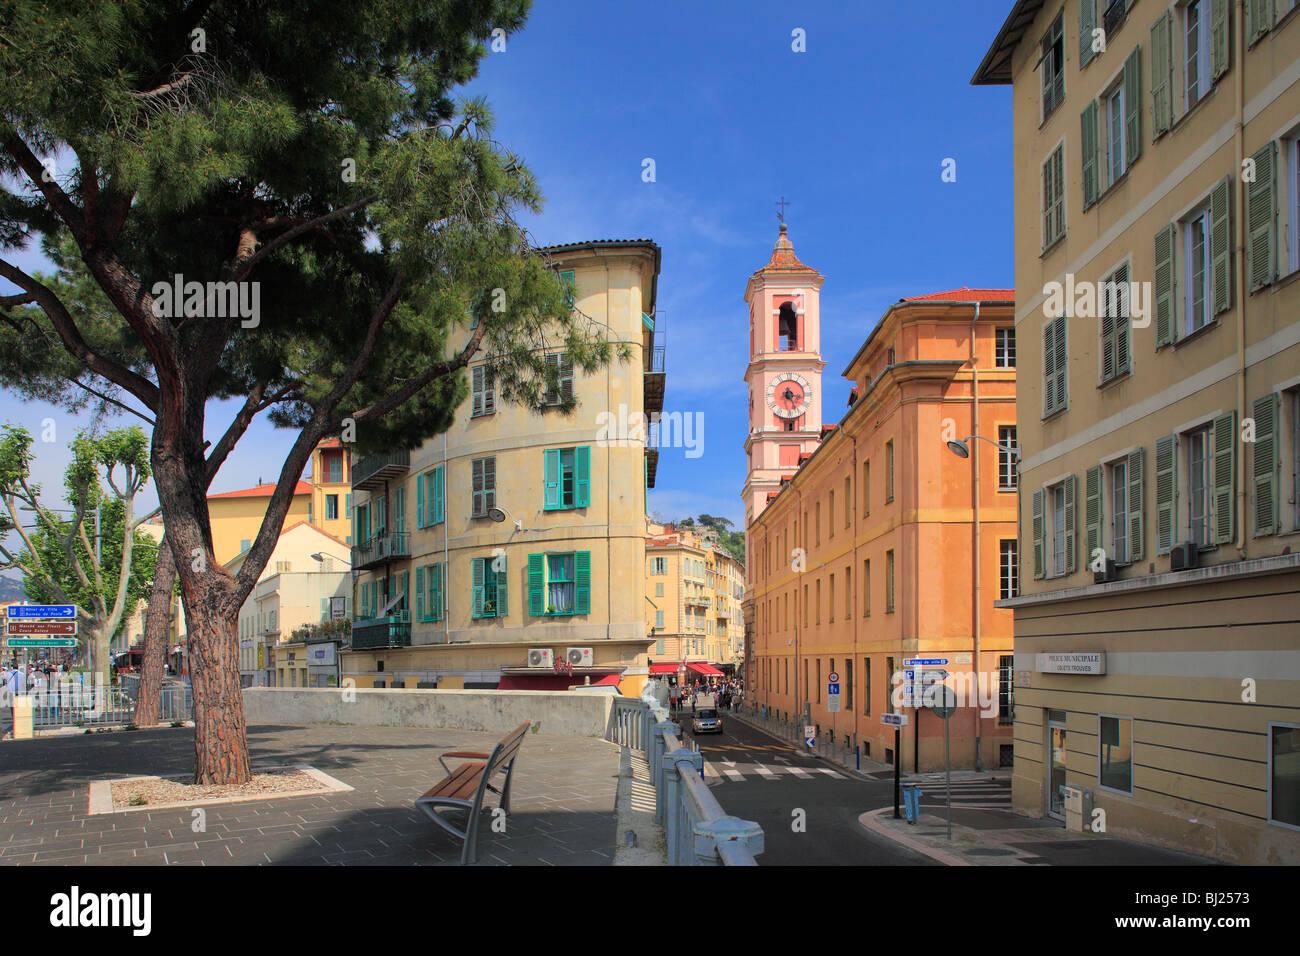 """Escena callejera en la """"Vieille Ville"""" (la ciudad vieja) parte de Niza en la riviera francesa Imagen De Stock"""